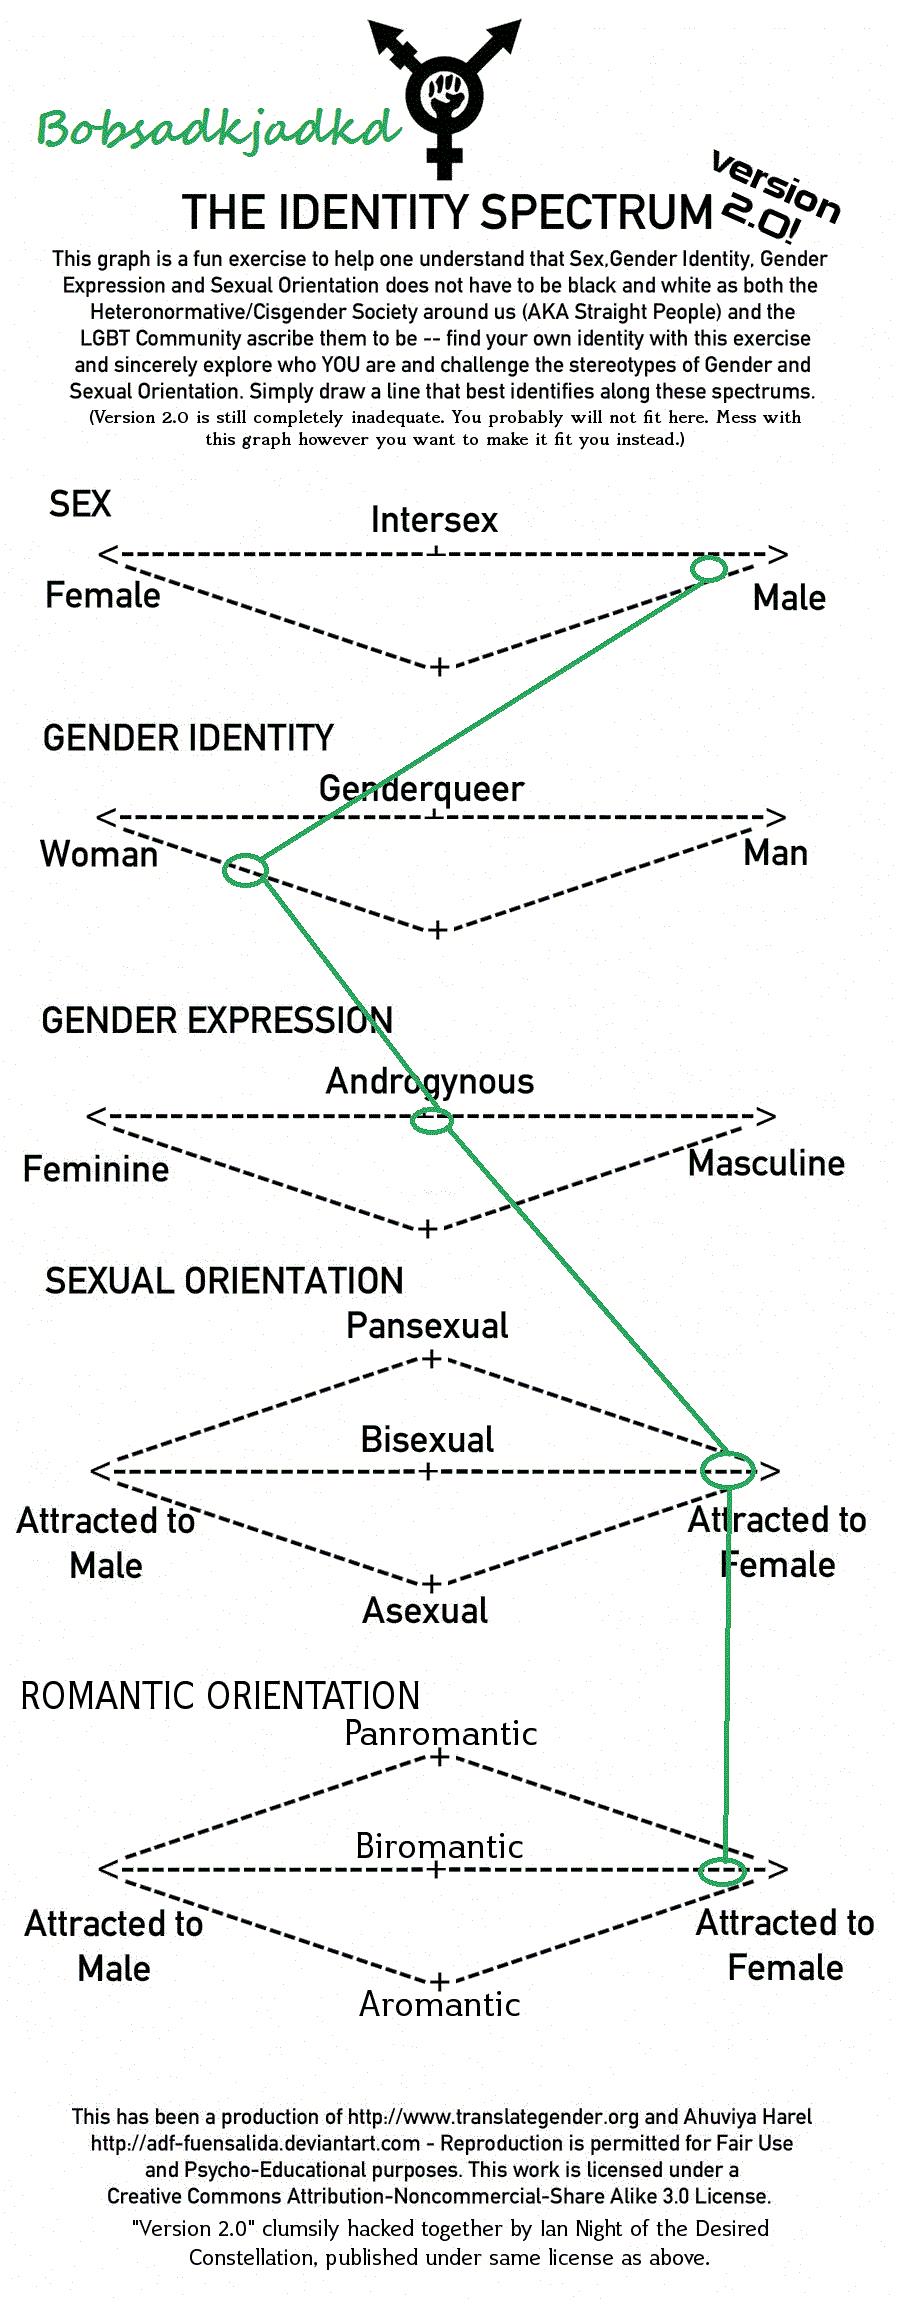 My Gender Ideny Chart By Bobsadkjadkd